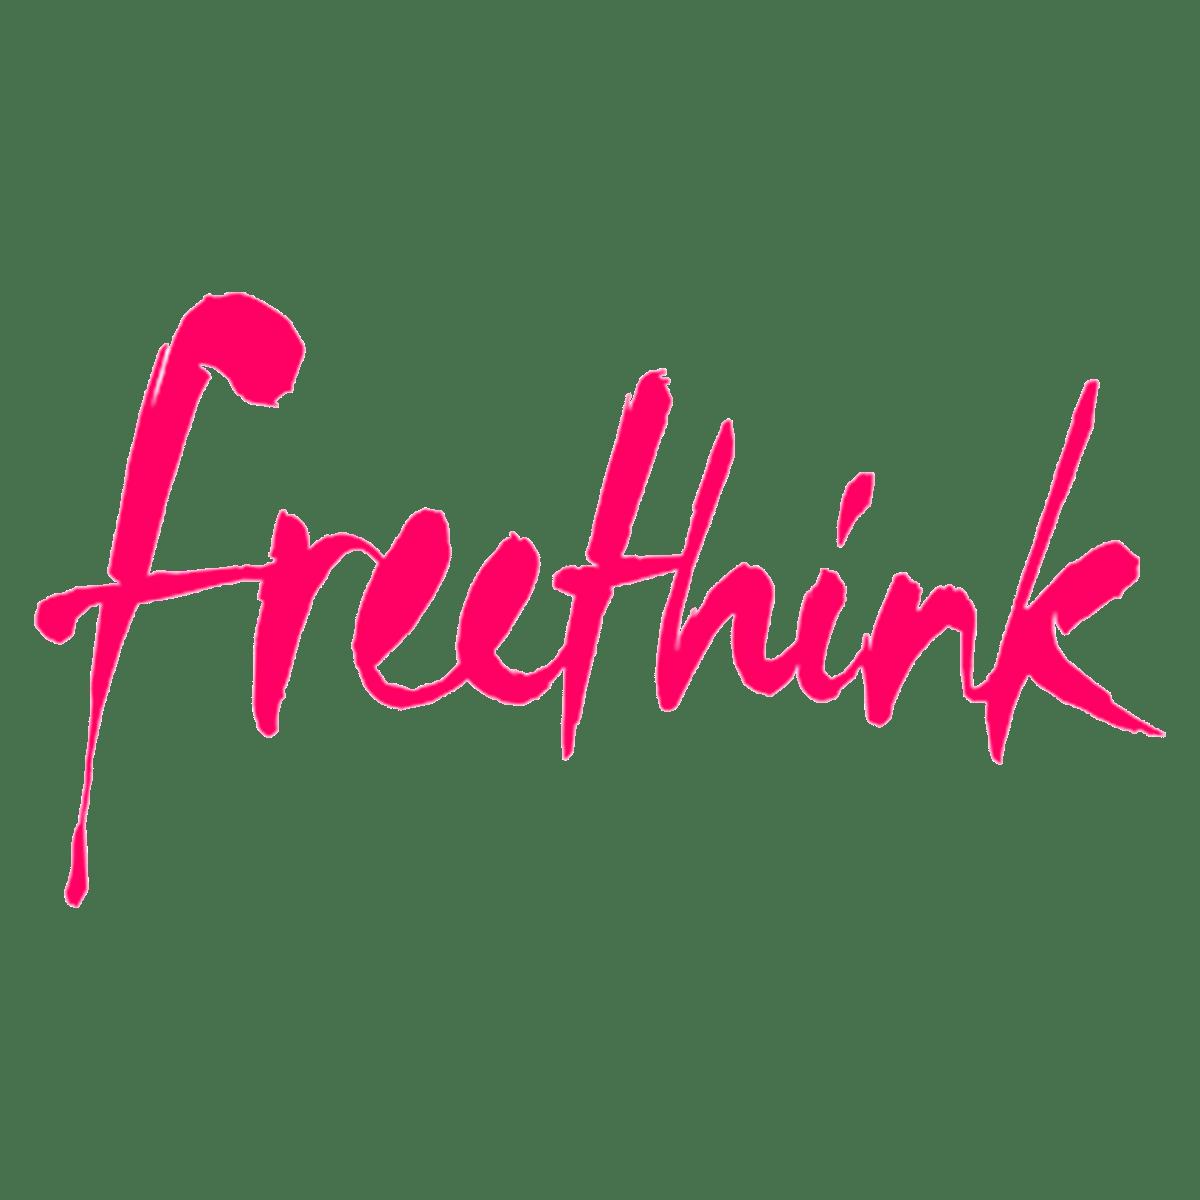 Logo-3-Freethink.png